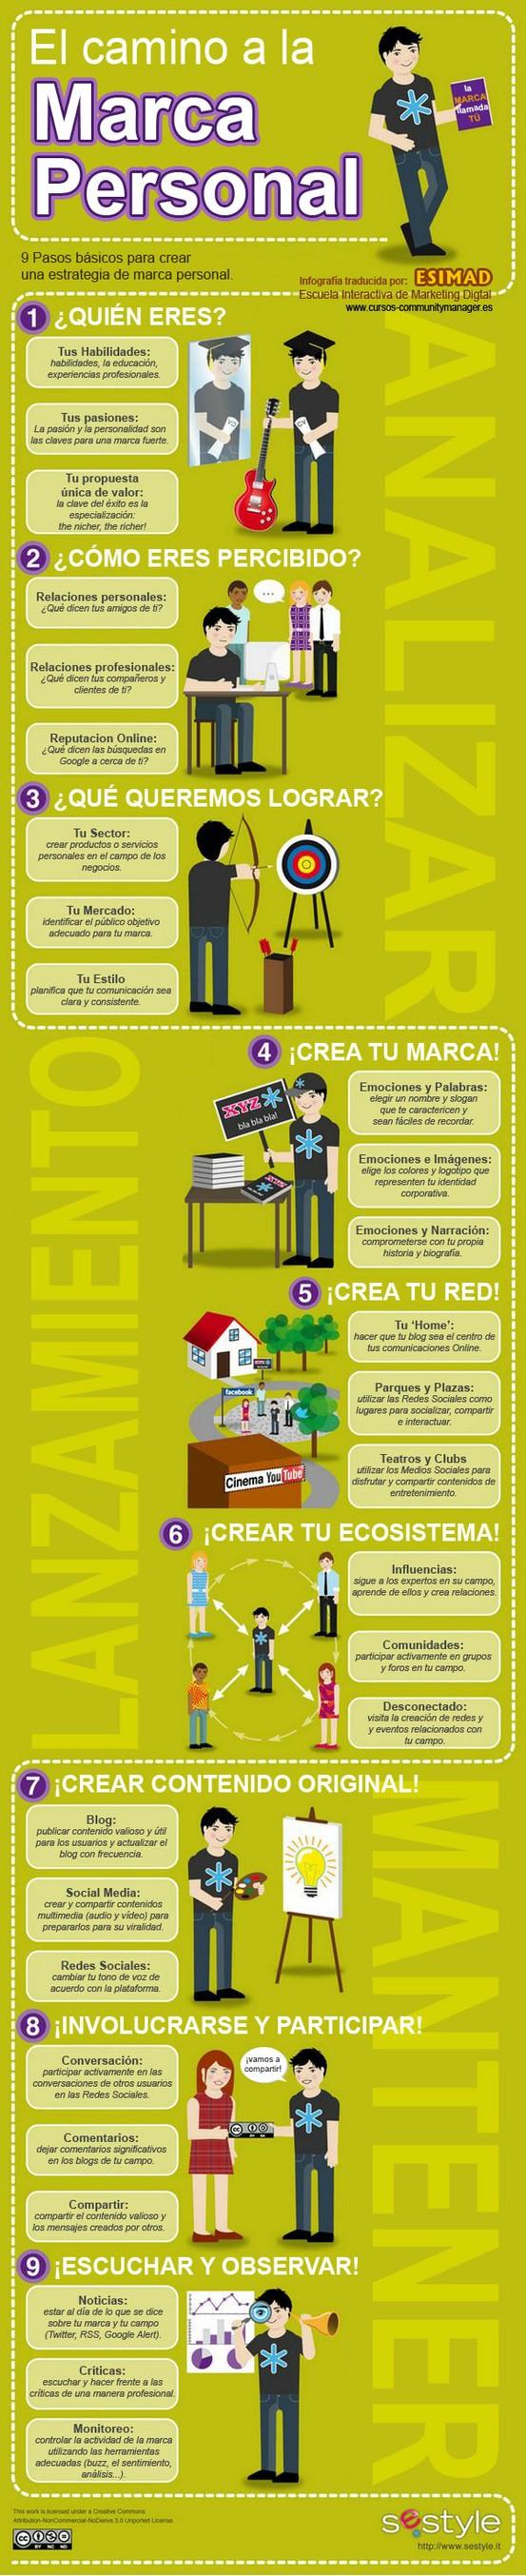 Cree su marca personal en sólo nueve pasos. Infografía